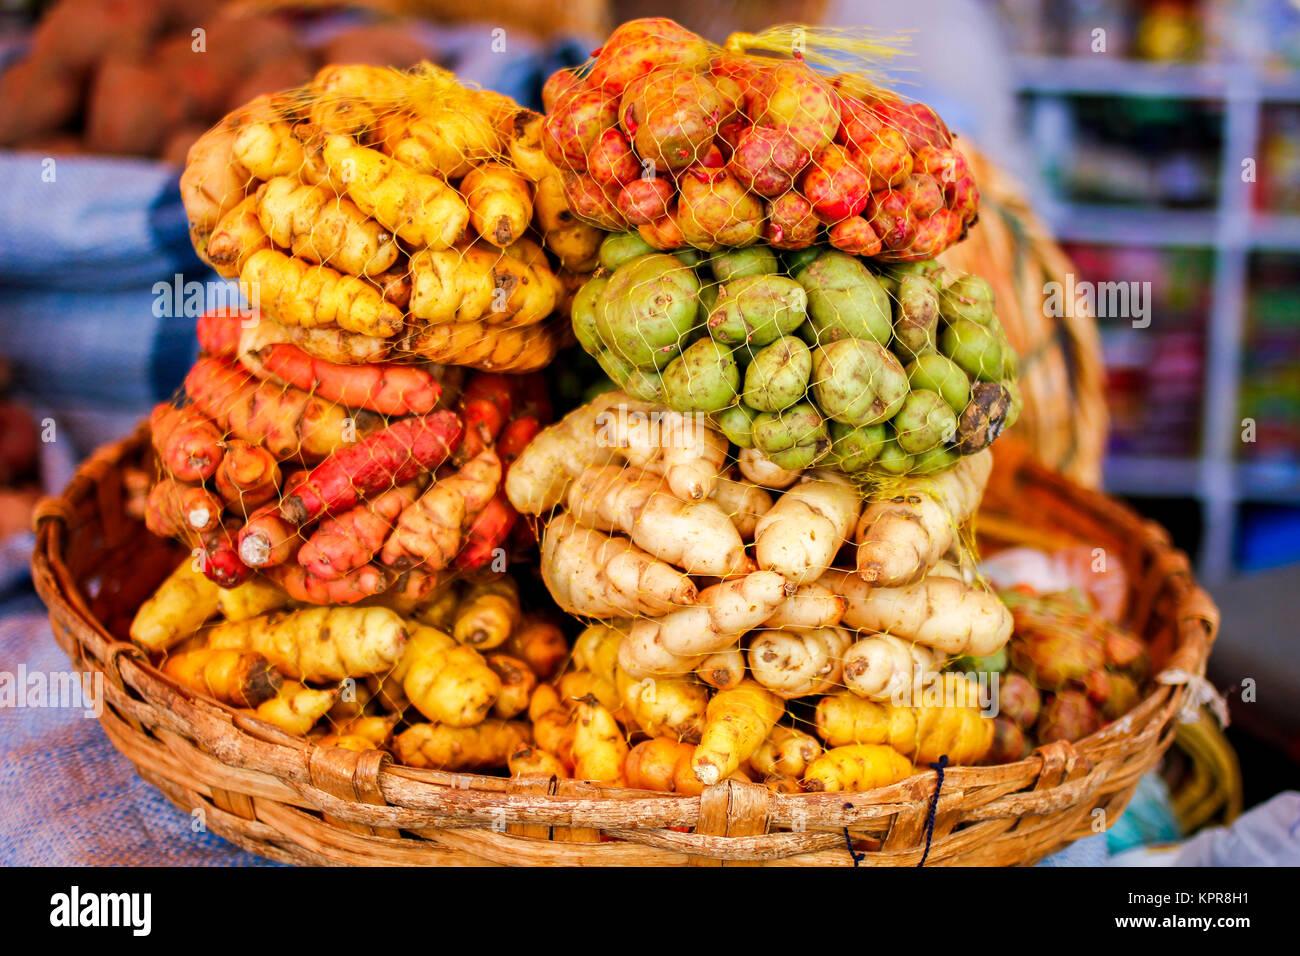 Brussel Food Market